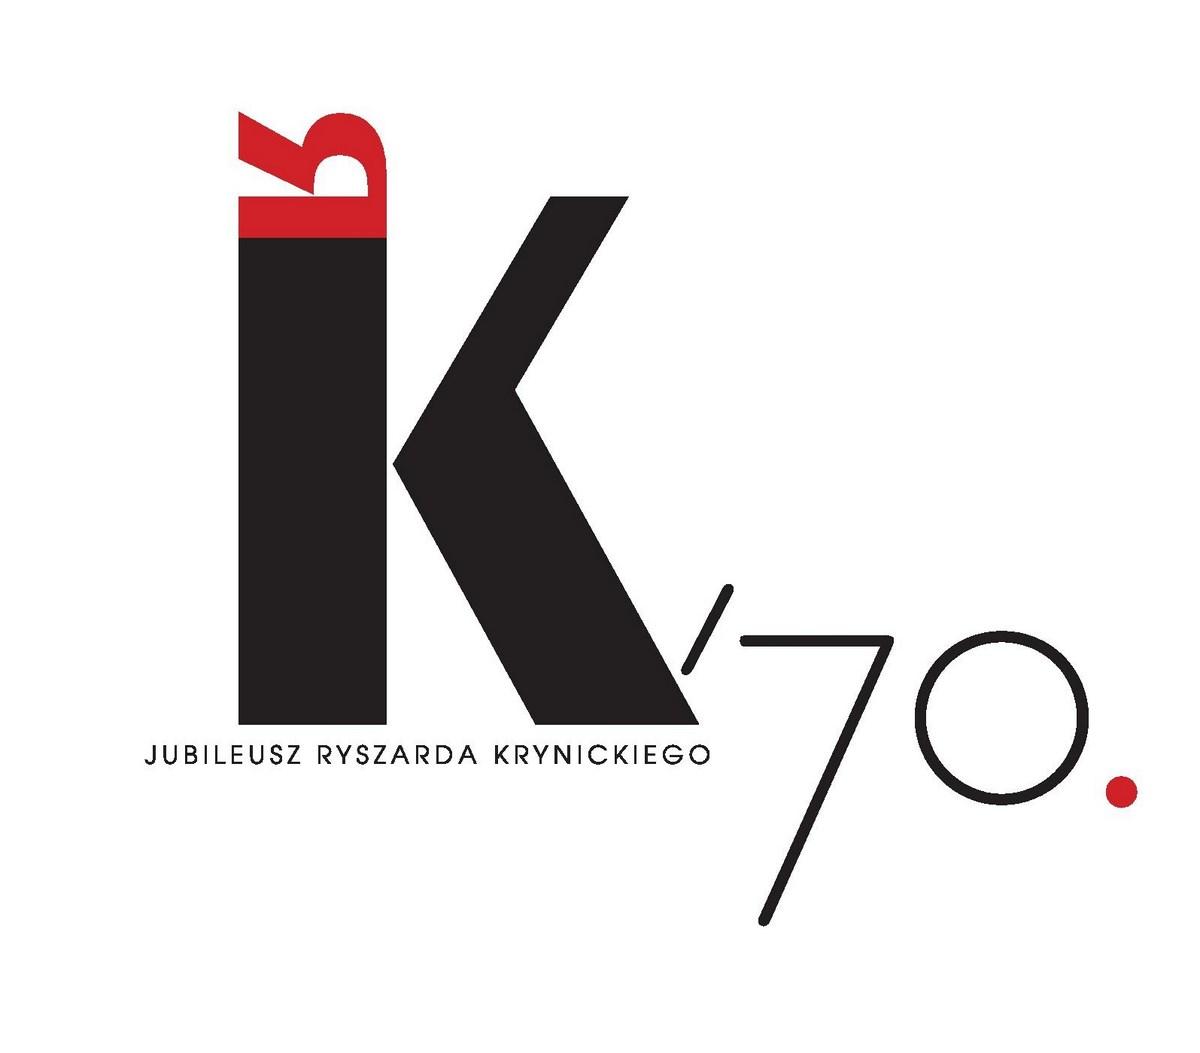 """Jubileusz Ryszarda Krynickiego """"RK70"""", logo (źródło: materiały prasowe organizatora)"""